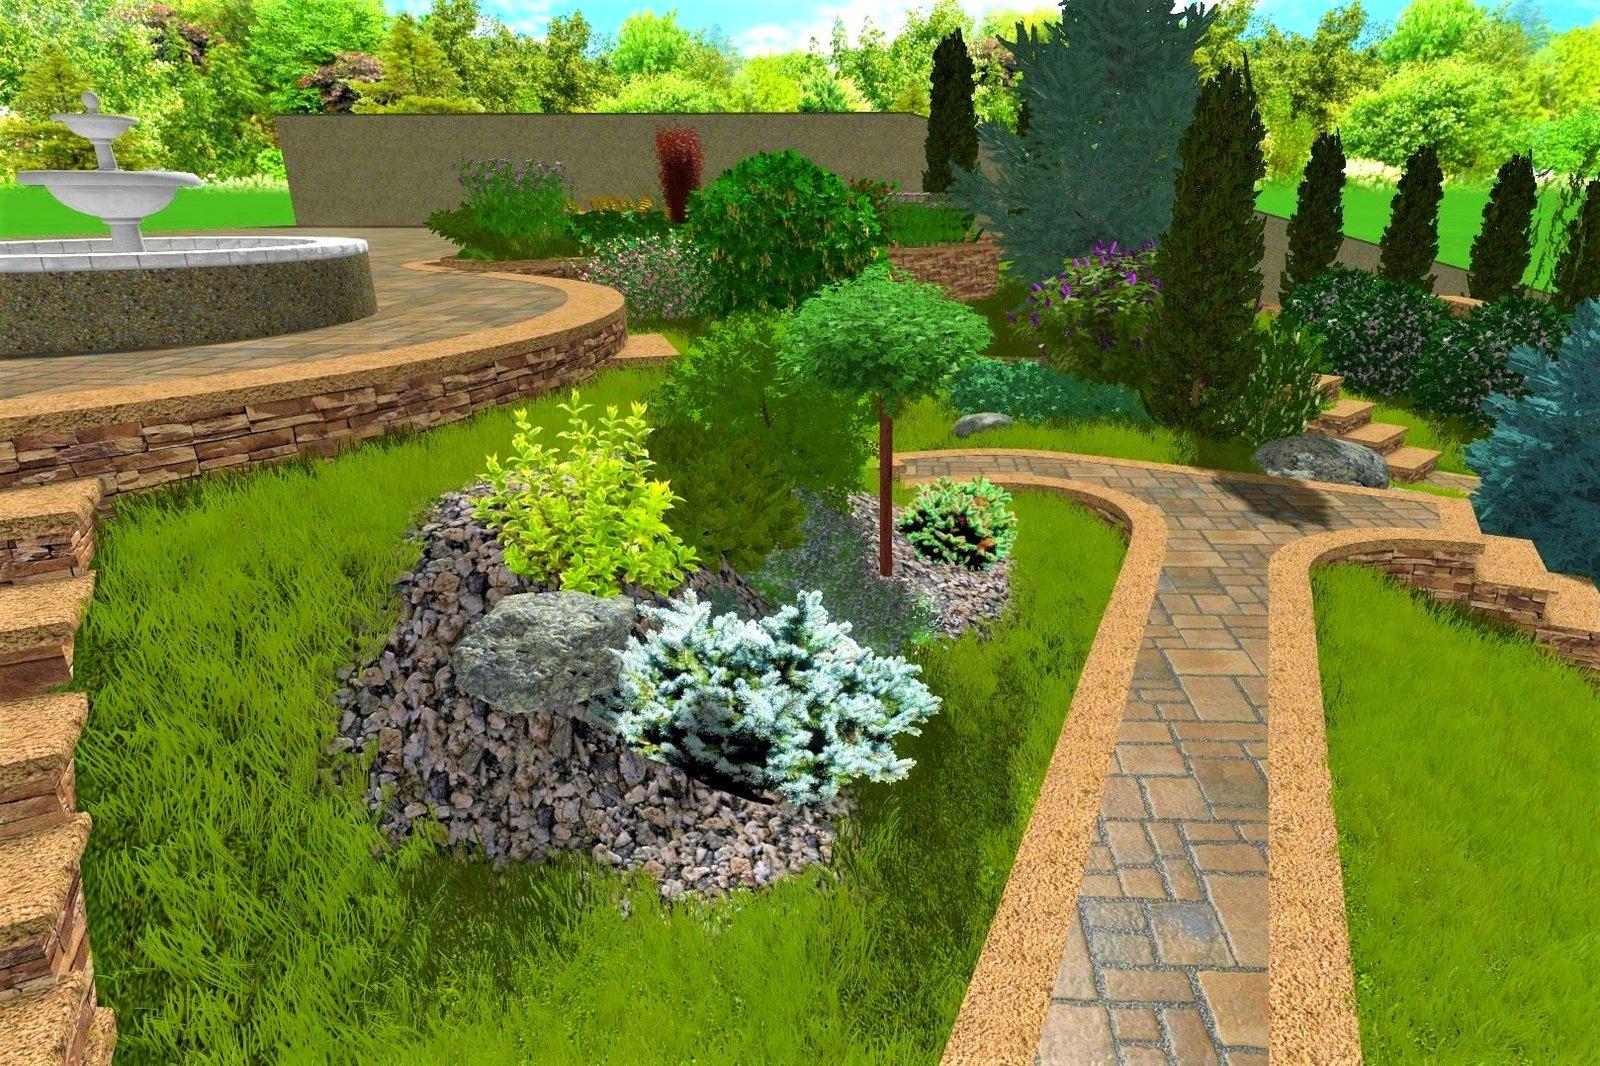 ландшафтный дизайн садового участка в Киеве, садовый ландшафтный дизайн участка в Киеве, проект сада на даче Киев